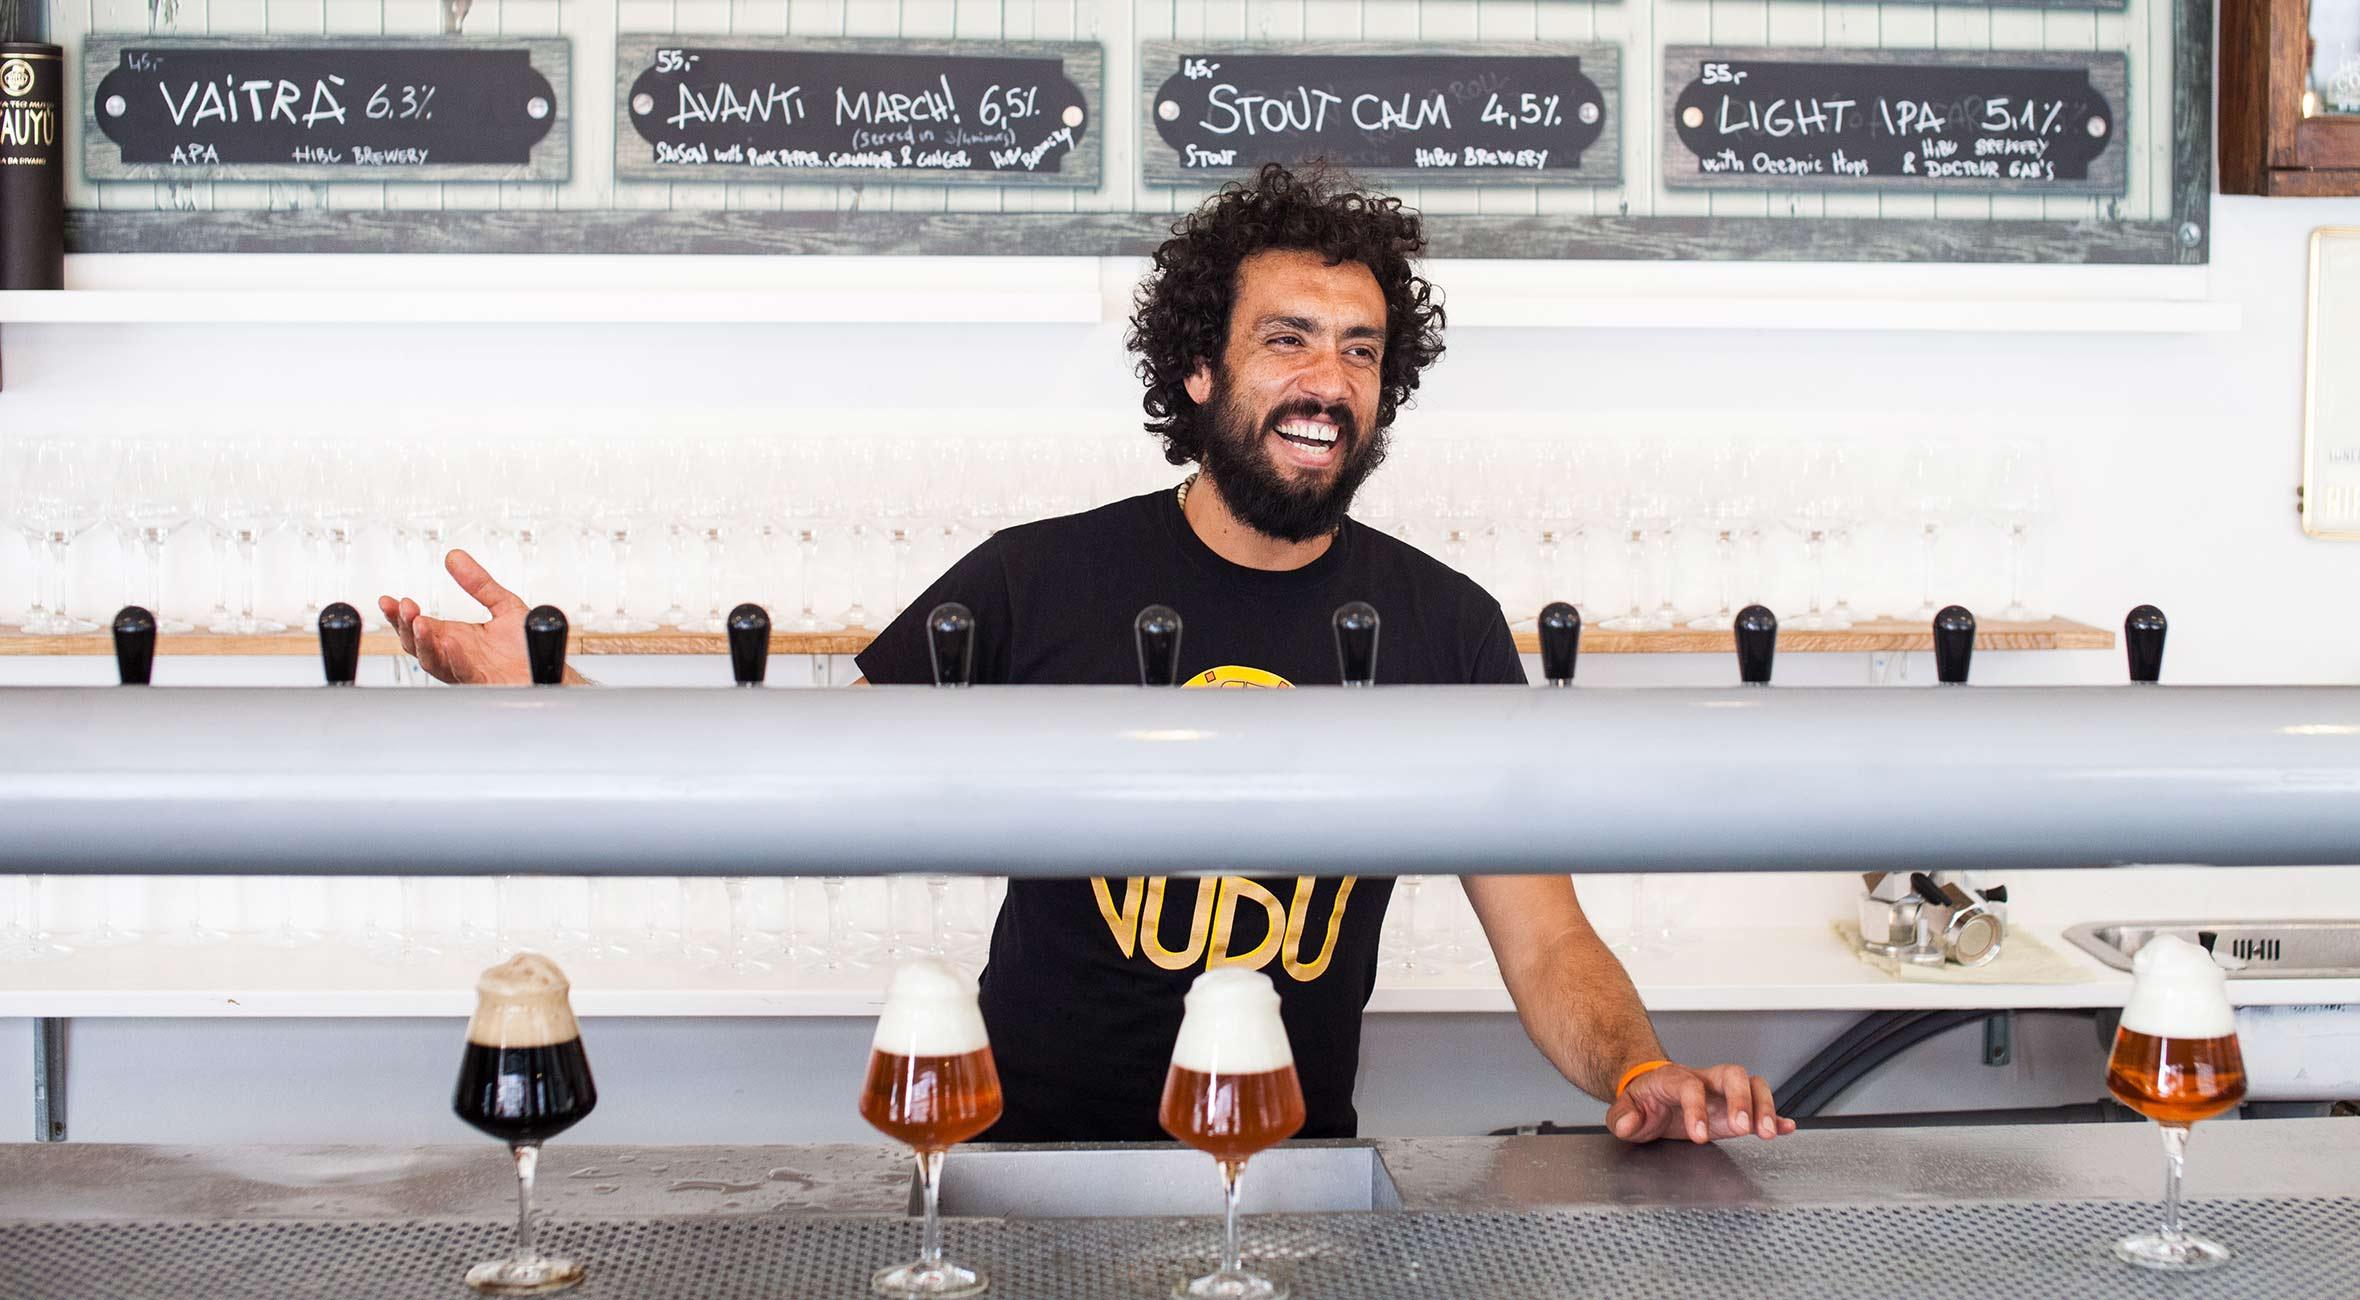 Frit valg til alt hos hippe Il Locale på Nørrebro – Italiensk ølbar byder på guddommelig ølbryg